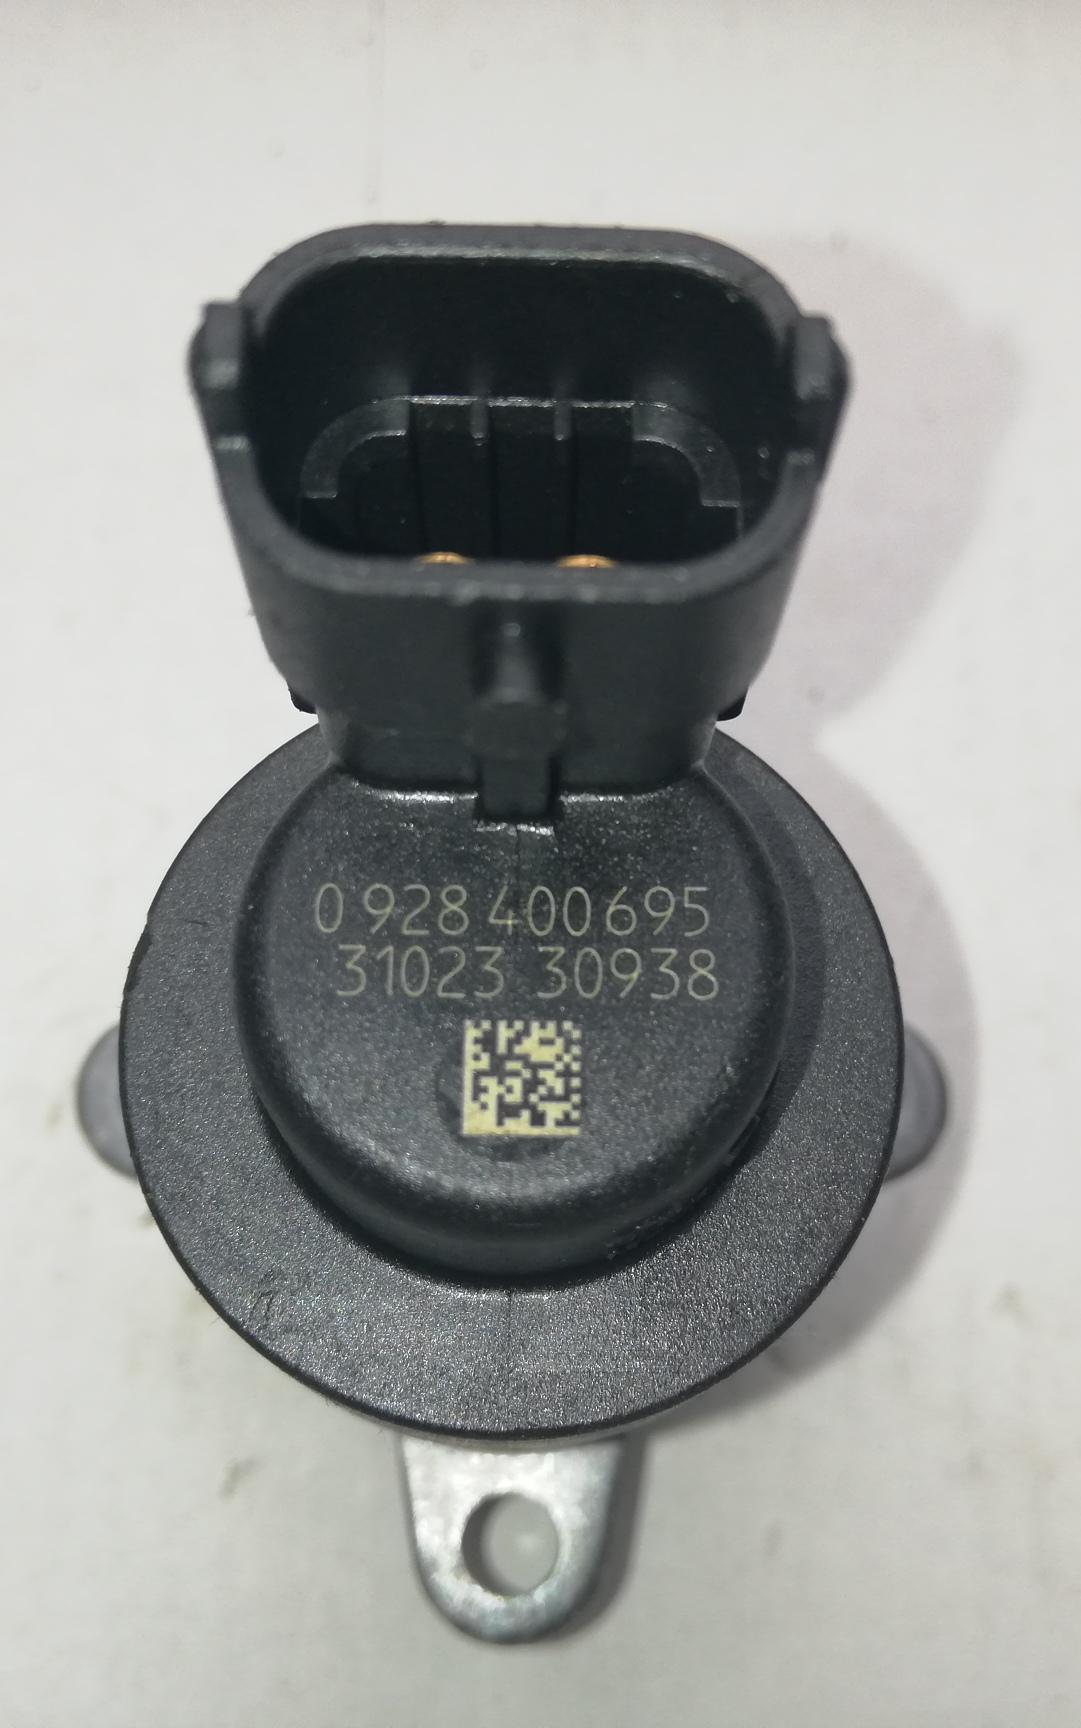 Nowy zawór regulacji ciśnienia 0928400695